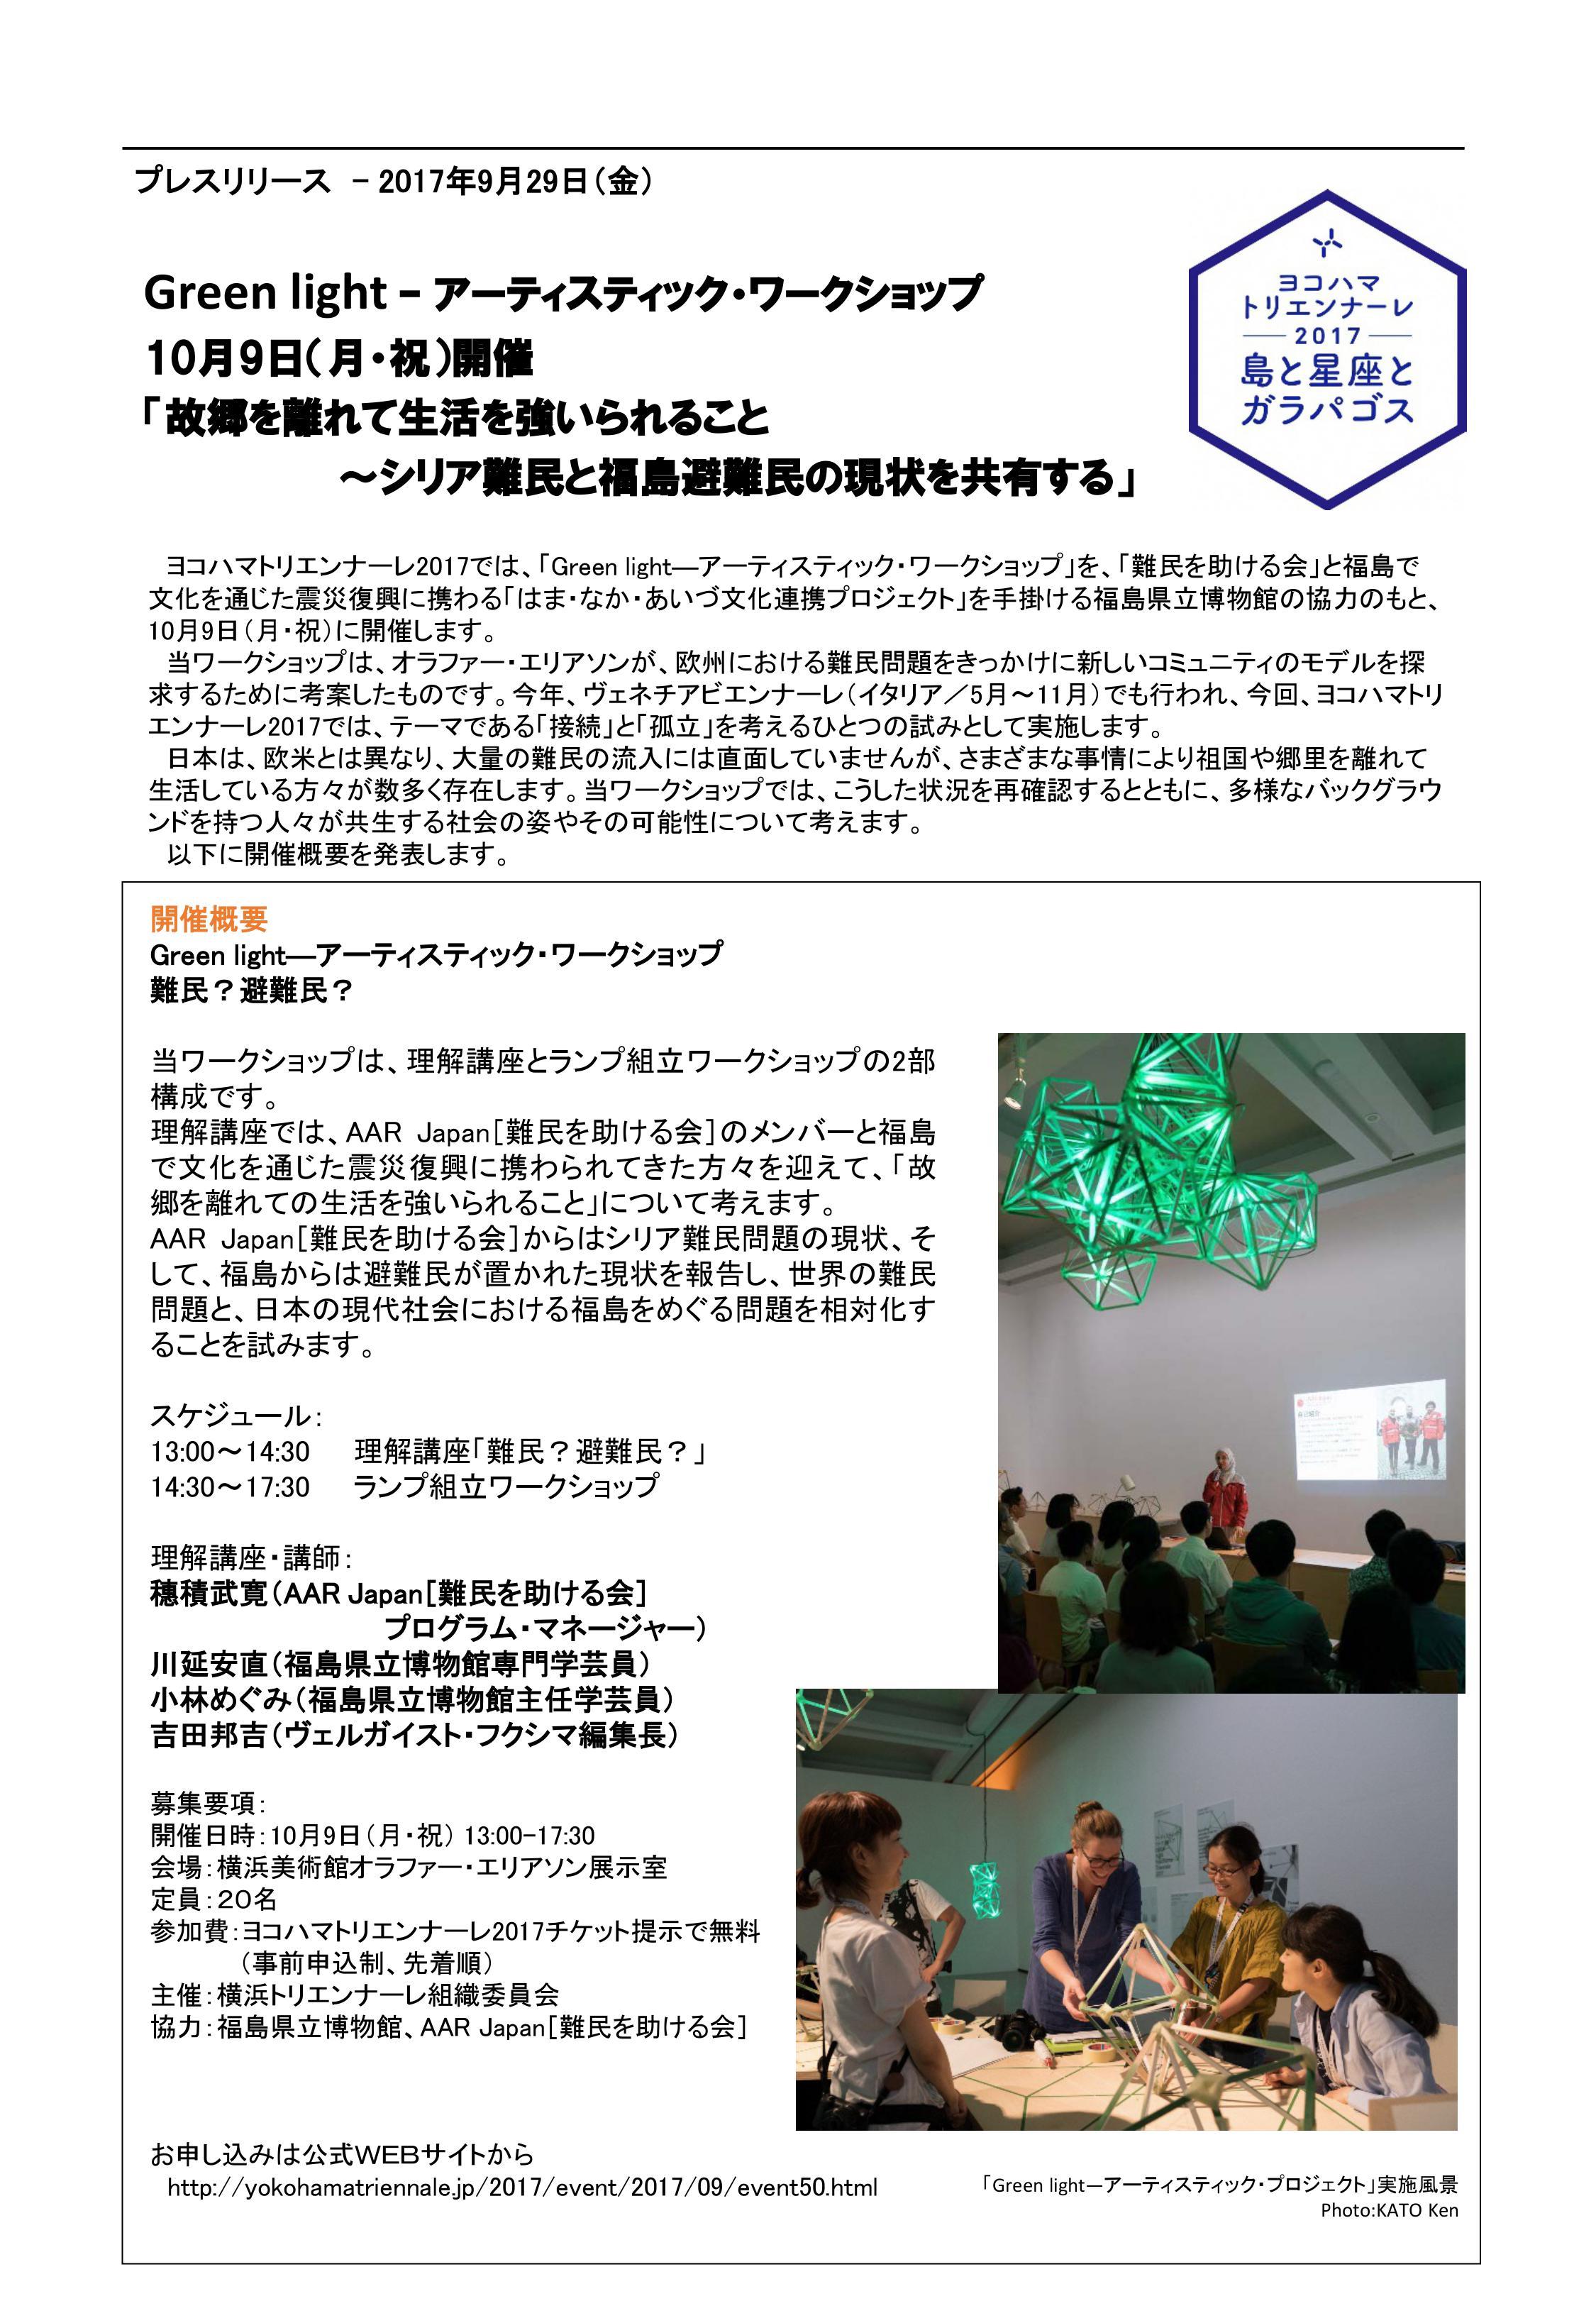 Green light-アーティスティック・ワークショップ 10月9日(月・祝)開催 「故郷を離れて生活を強いられること~シリア難民と福島避難民の現状を共有する」